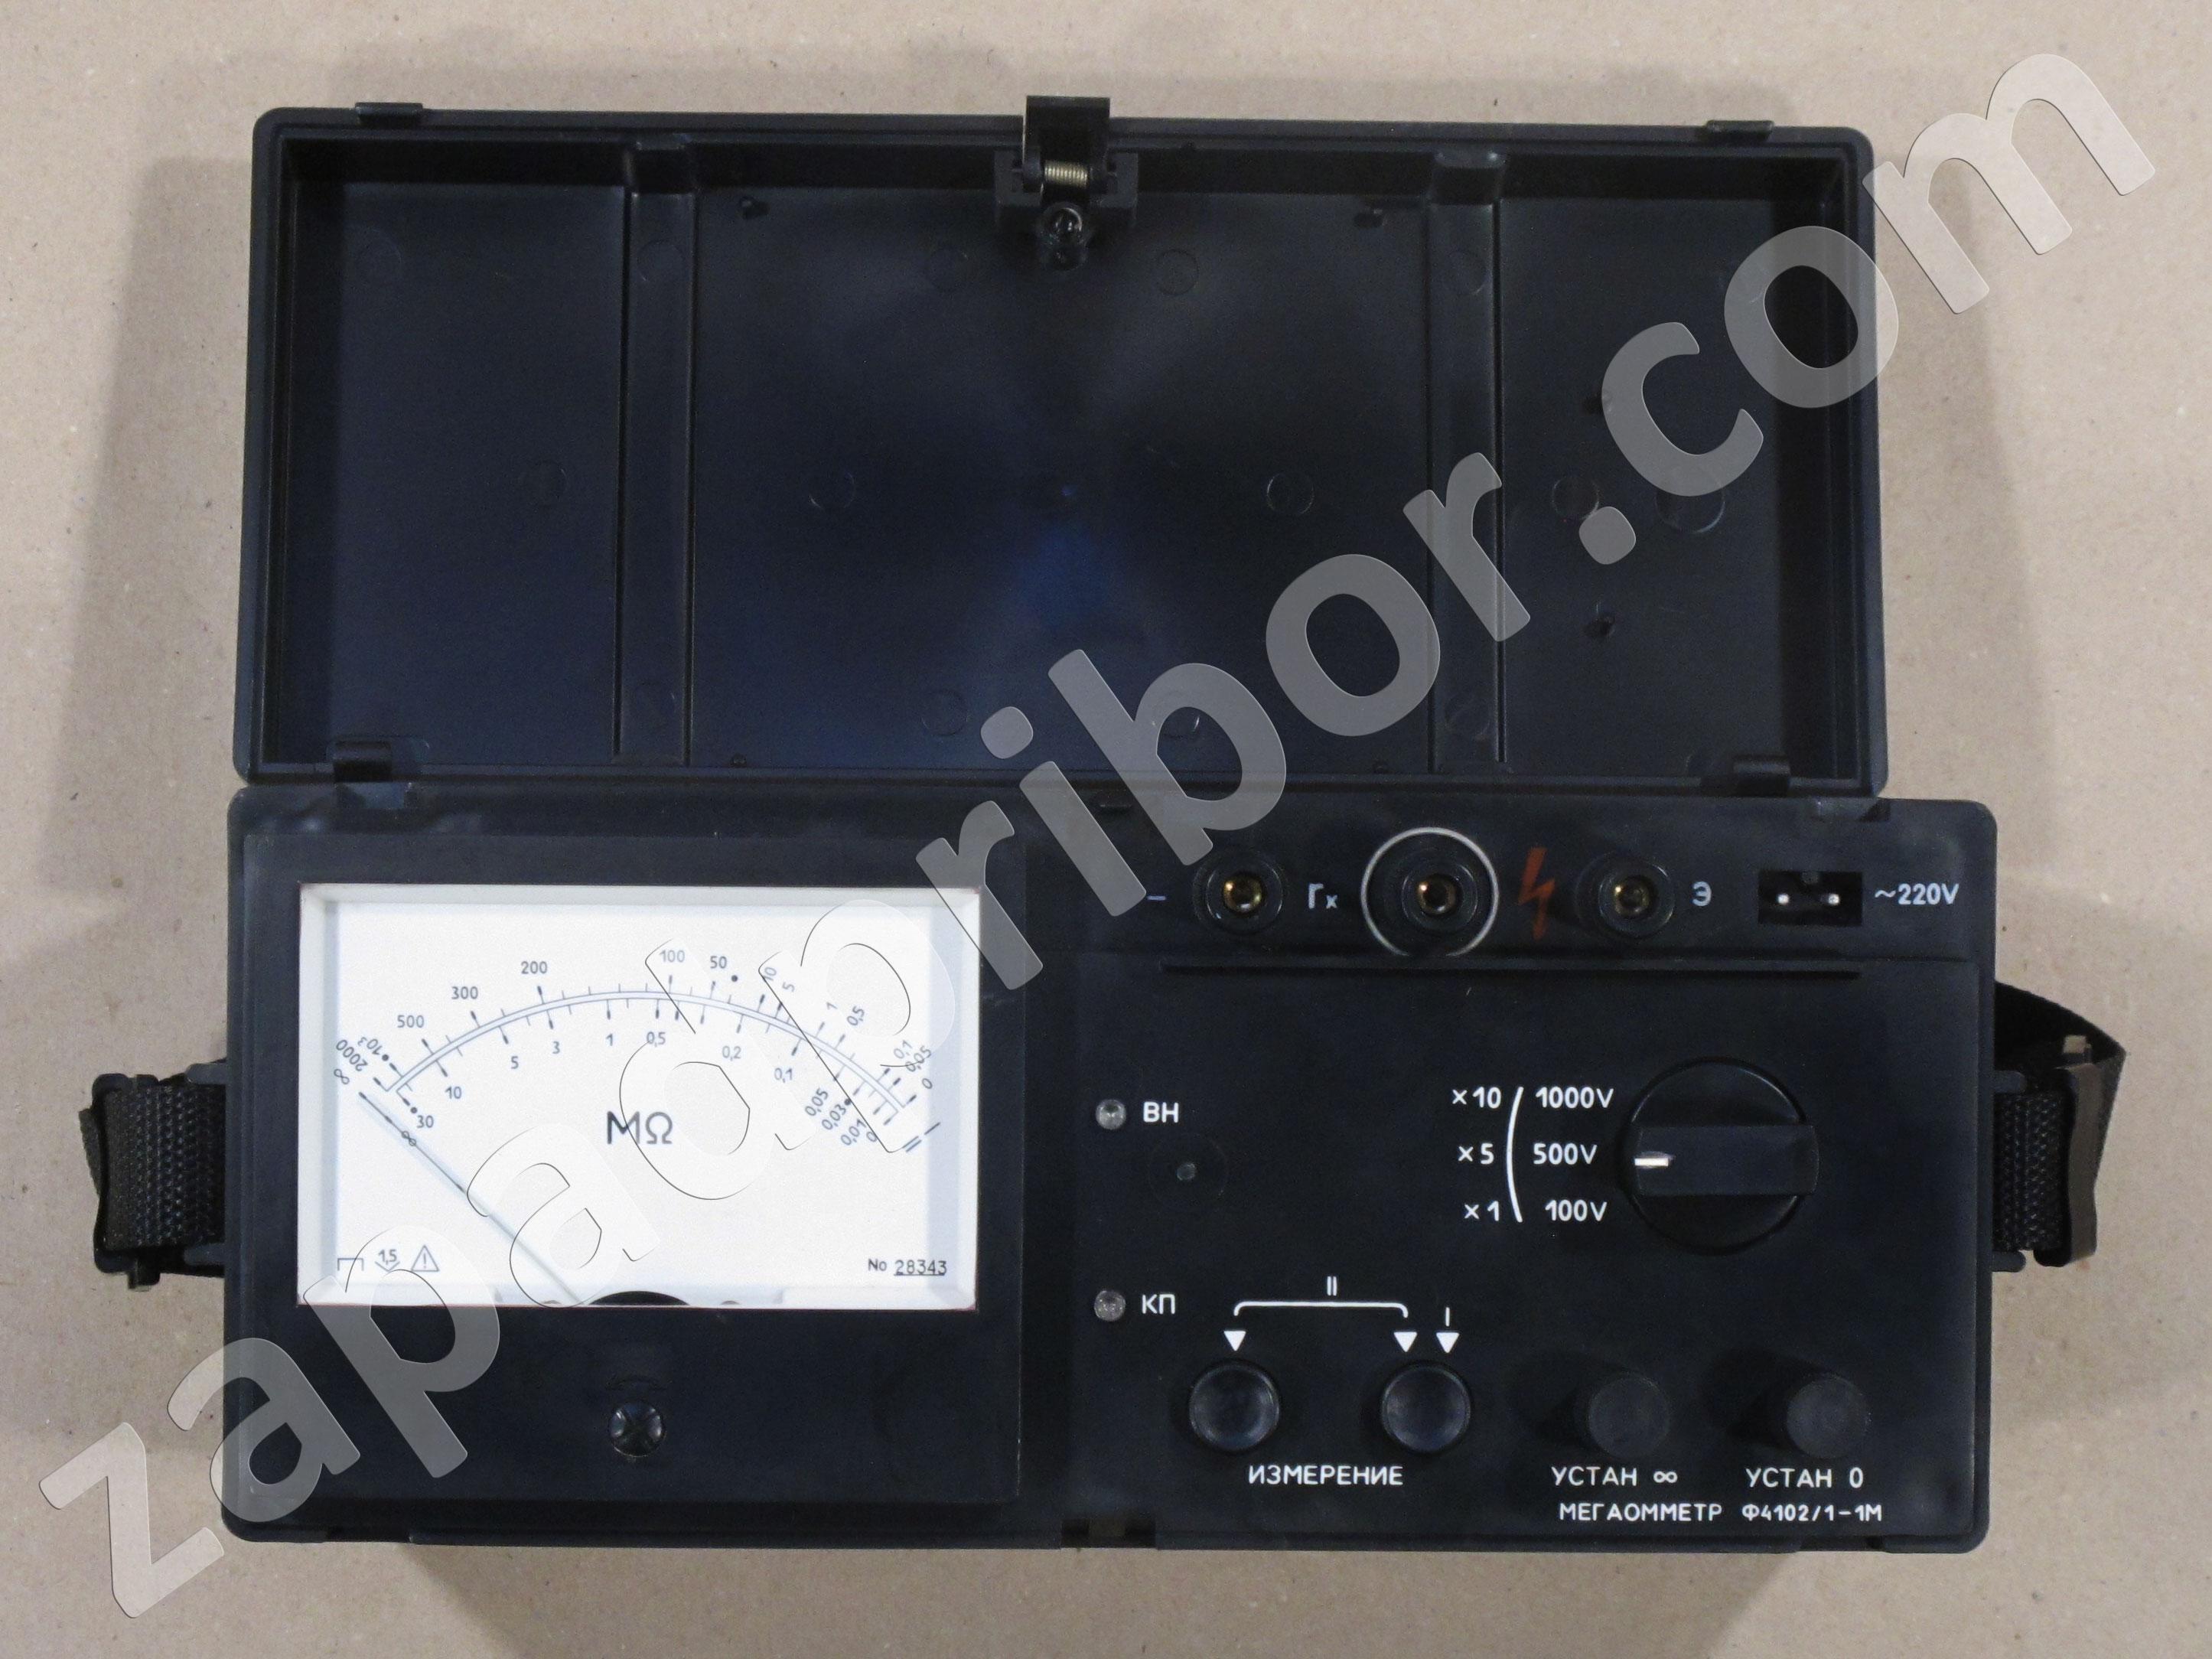 инструкция к прибору ф4103-м1